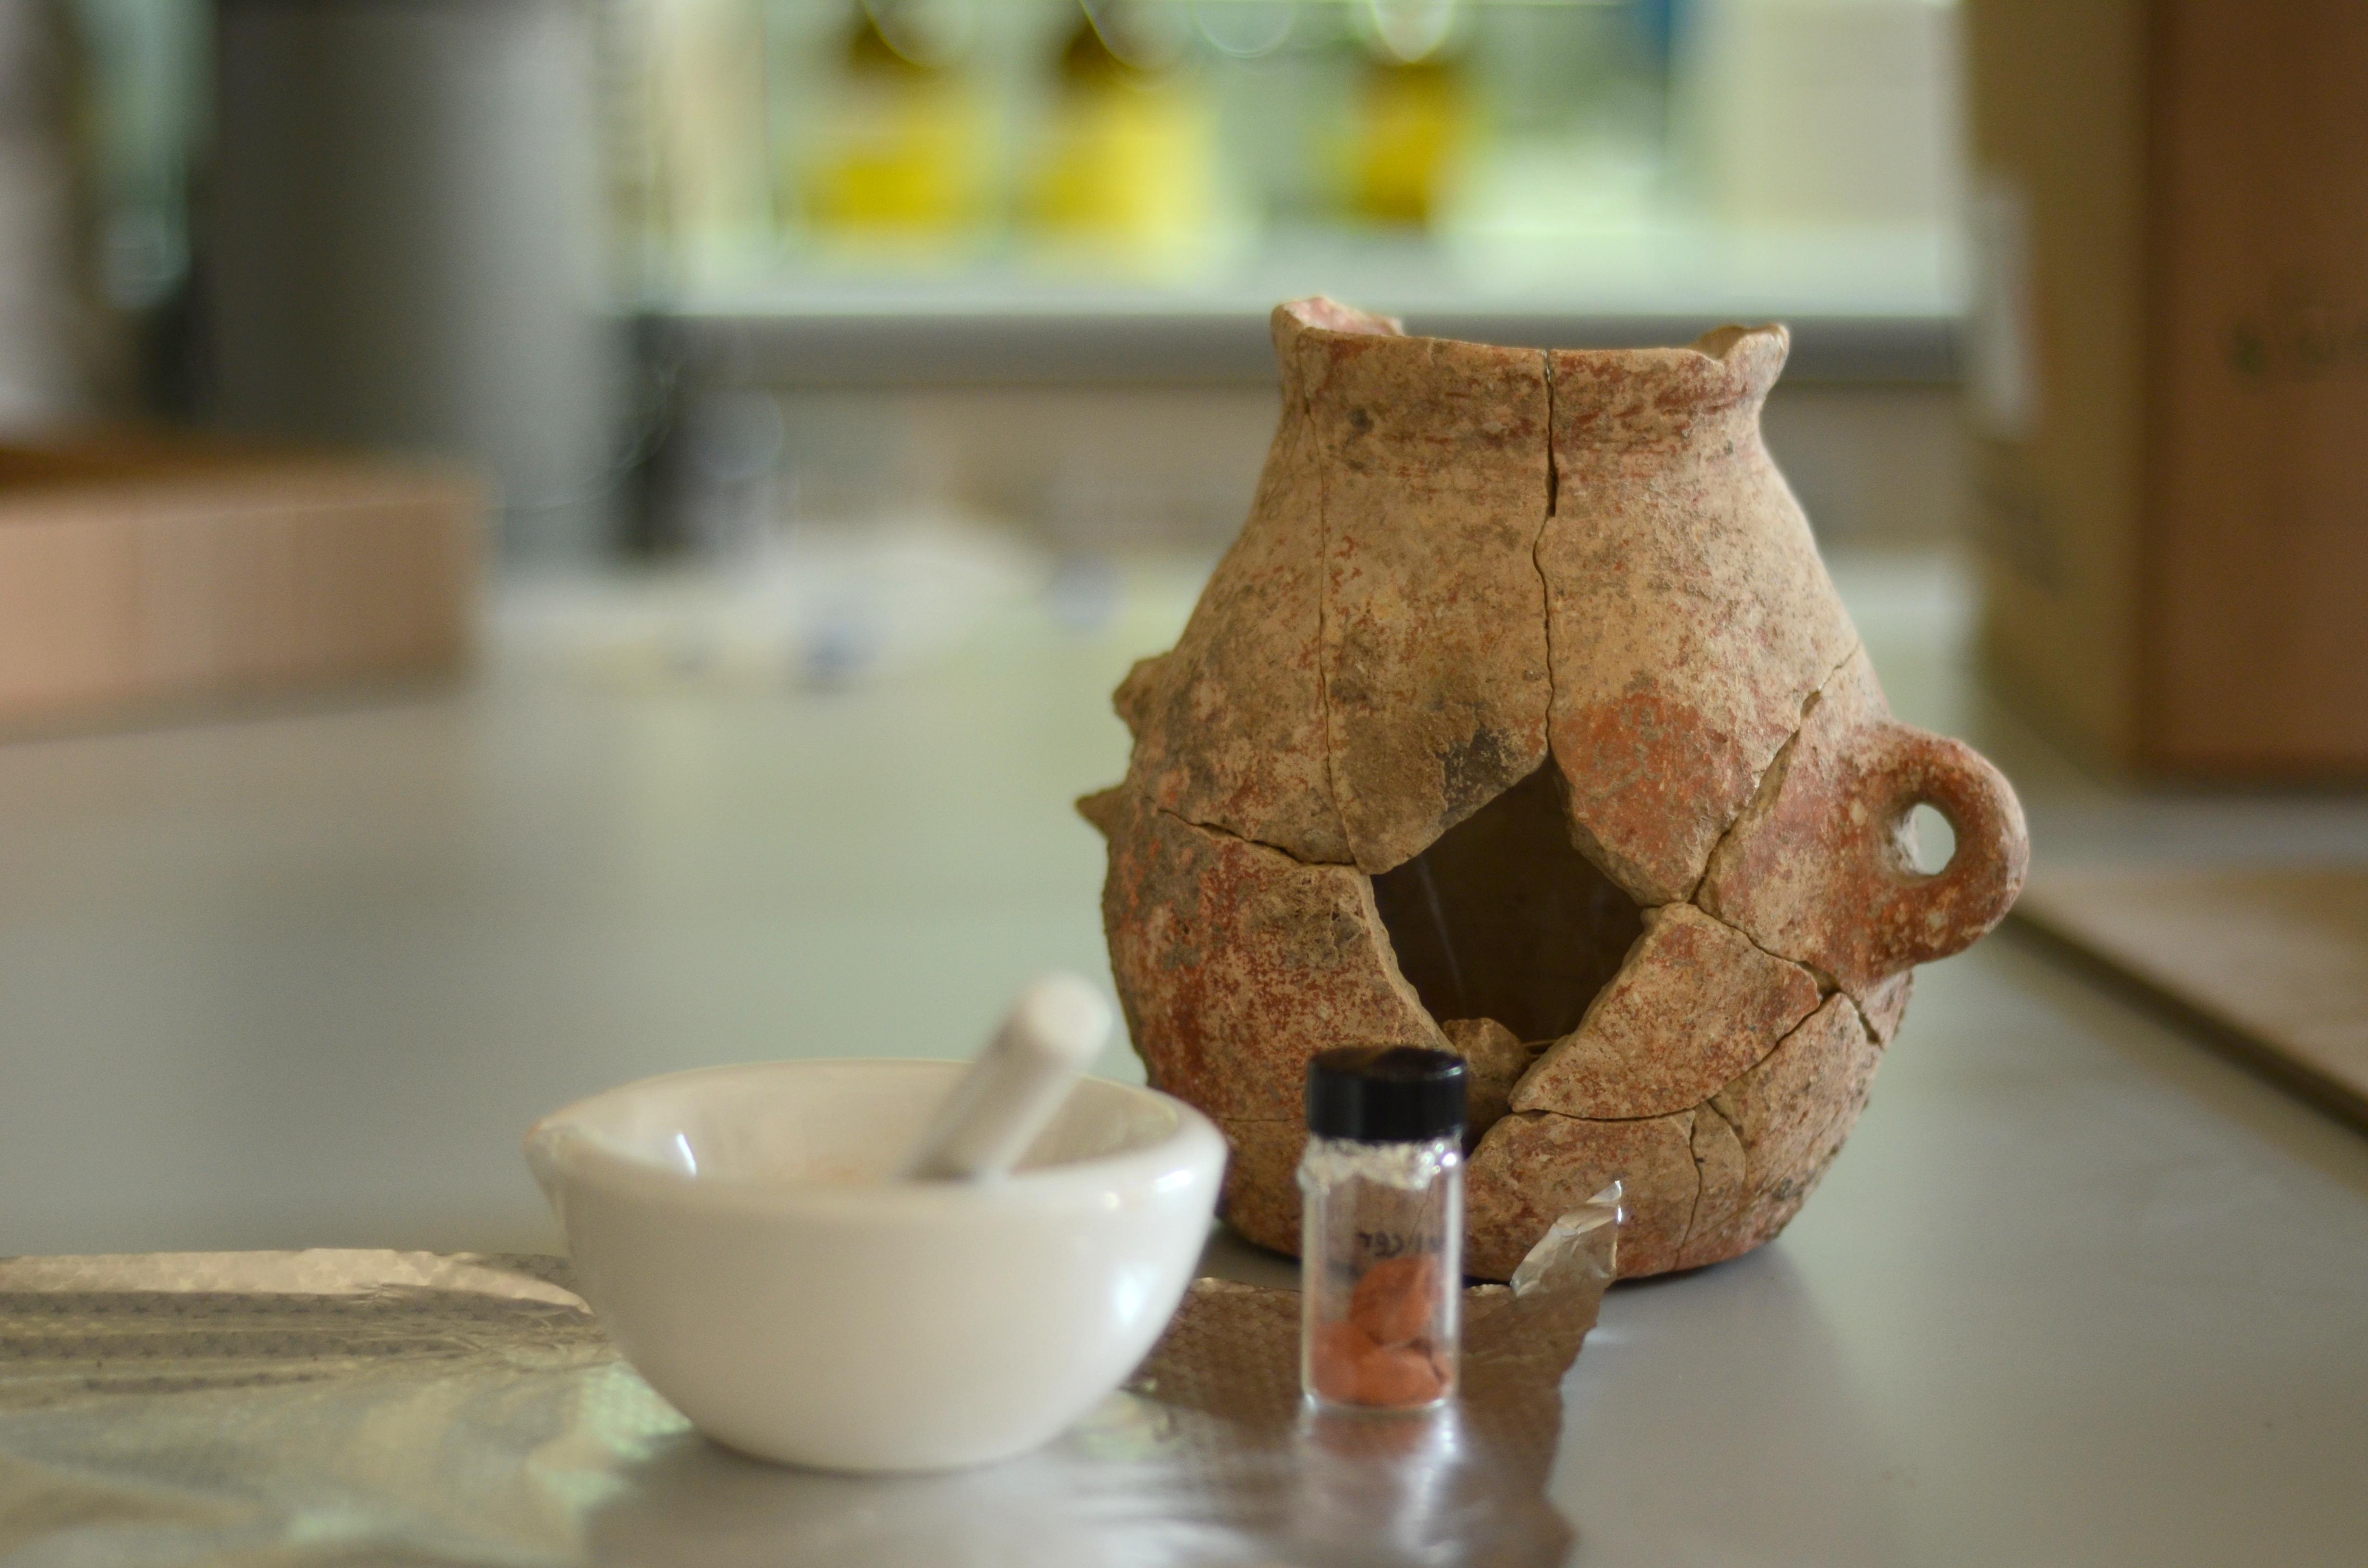 הכד מעין ציפורי בעת לקיחת דגימות במעבדה - צילום: רשות העתיקות